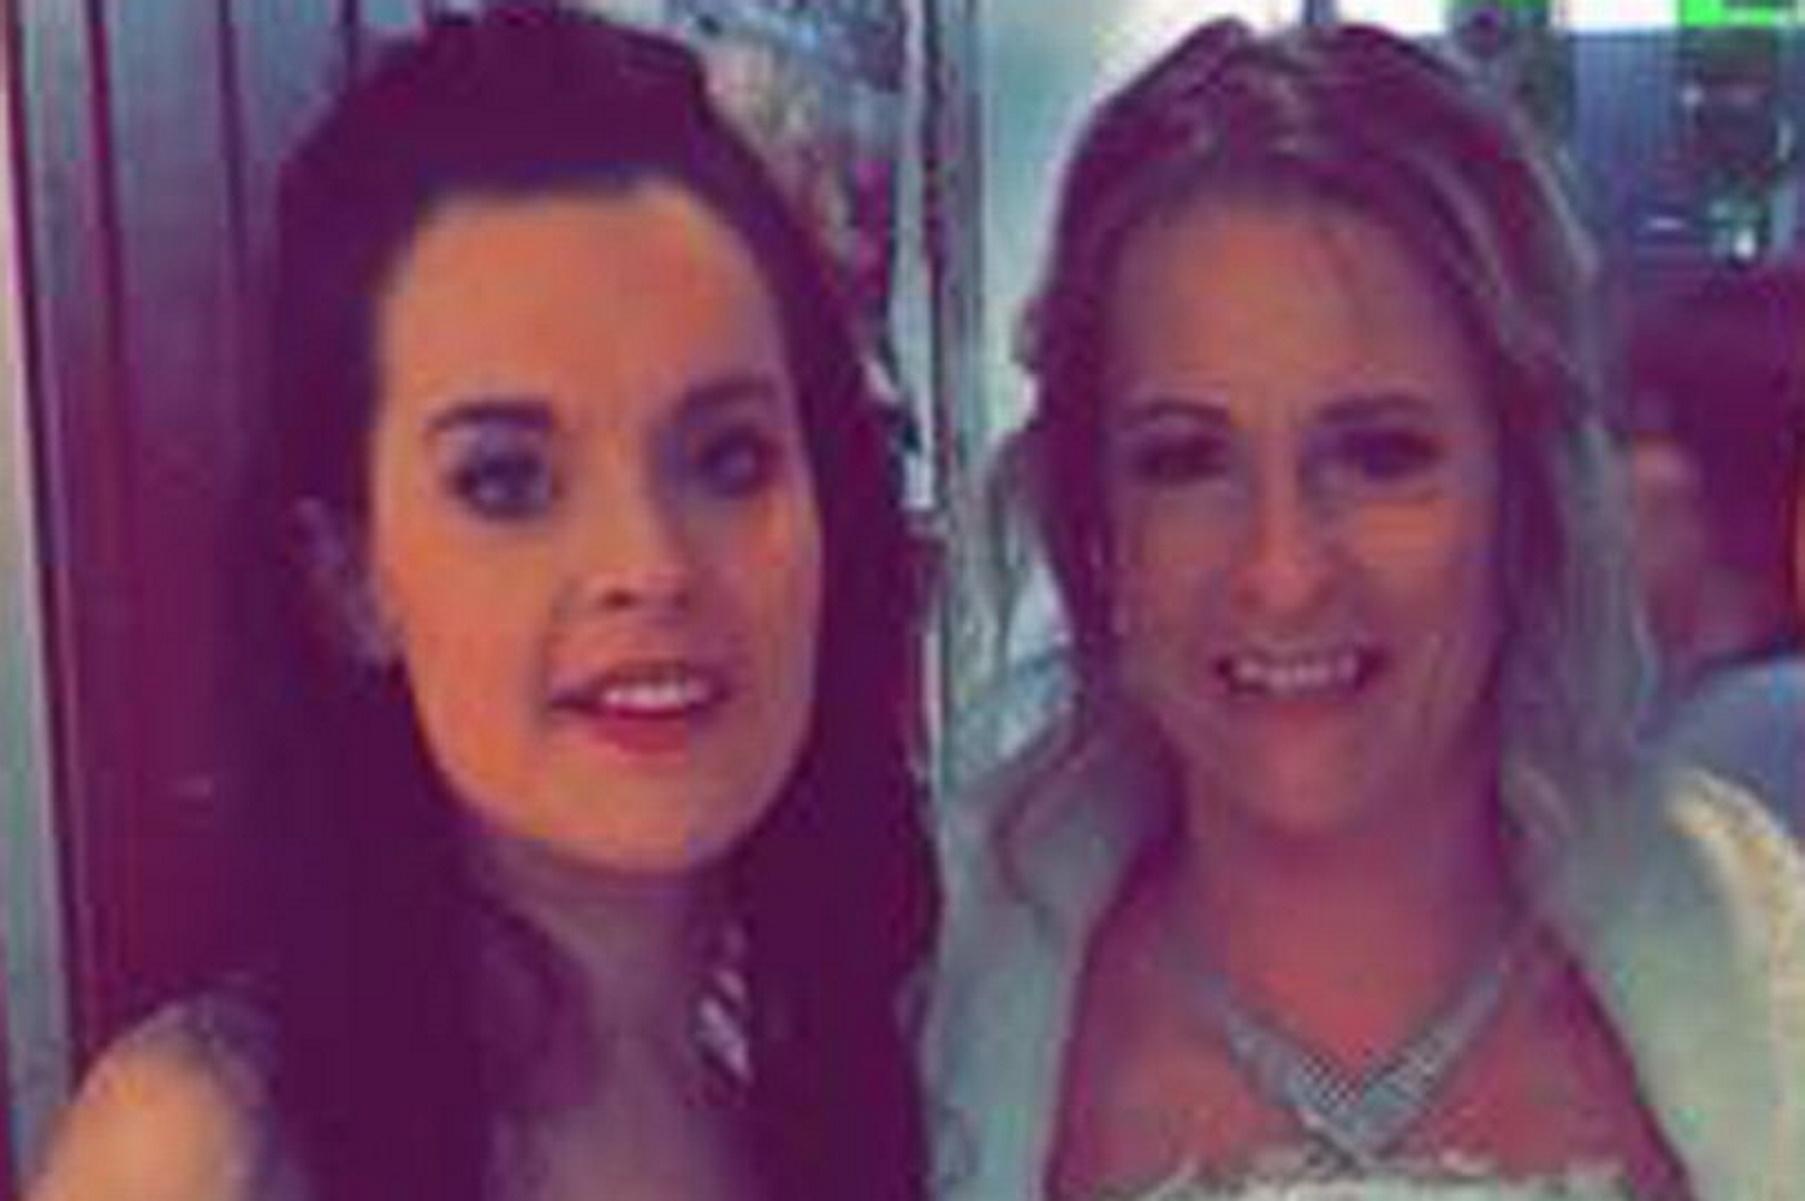 44χρονη το 'σκασε με τον 29χρονο φίλο της κόρης της – «Συμβαίνουν αυτά»